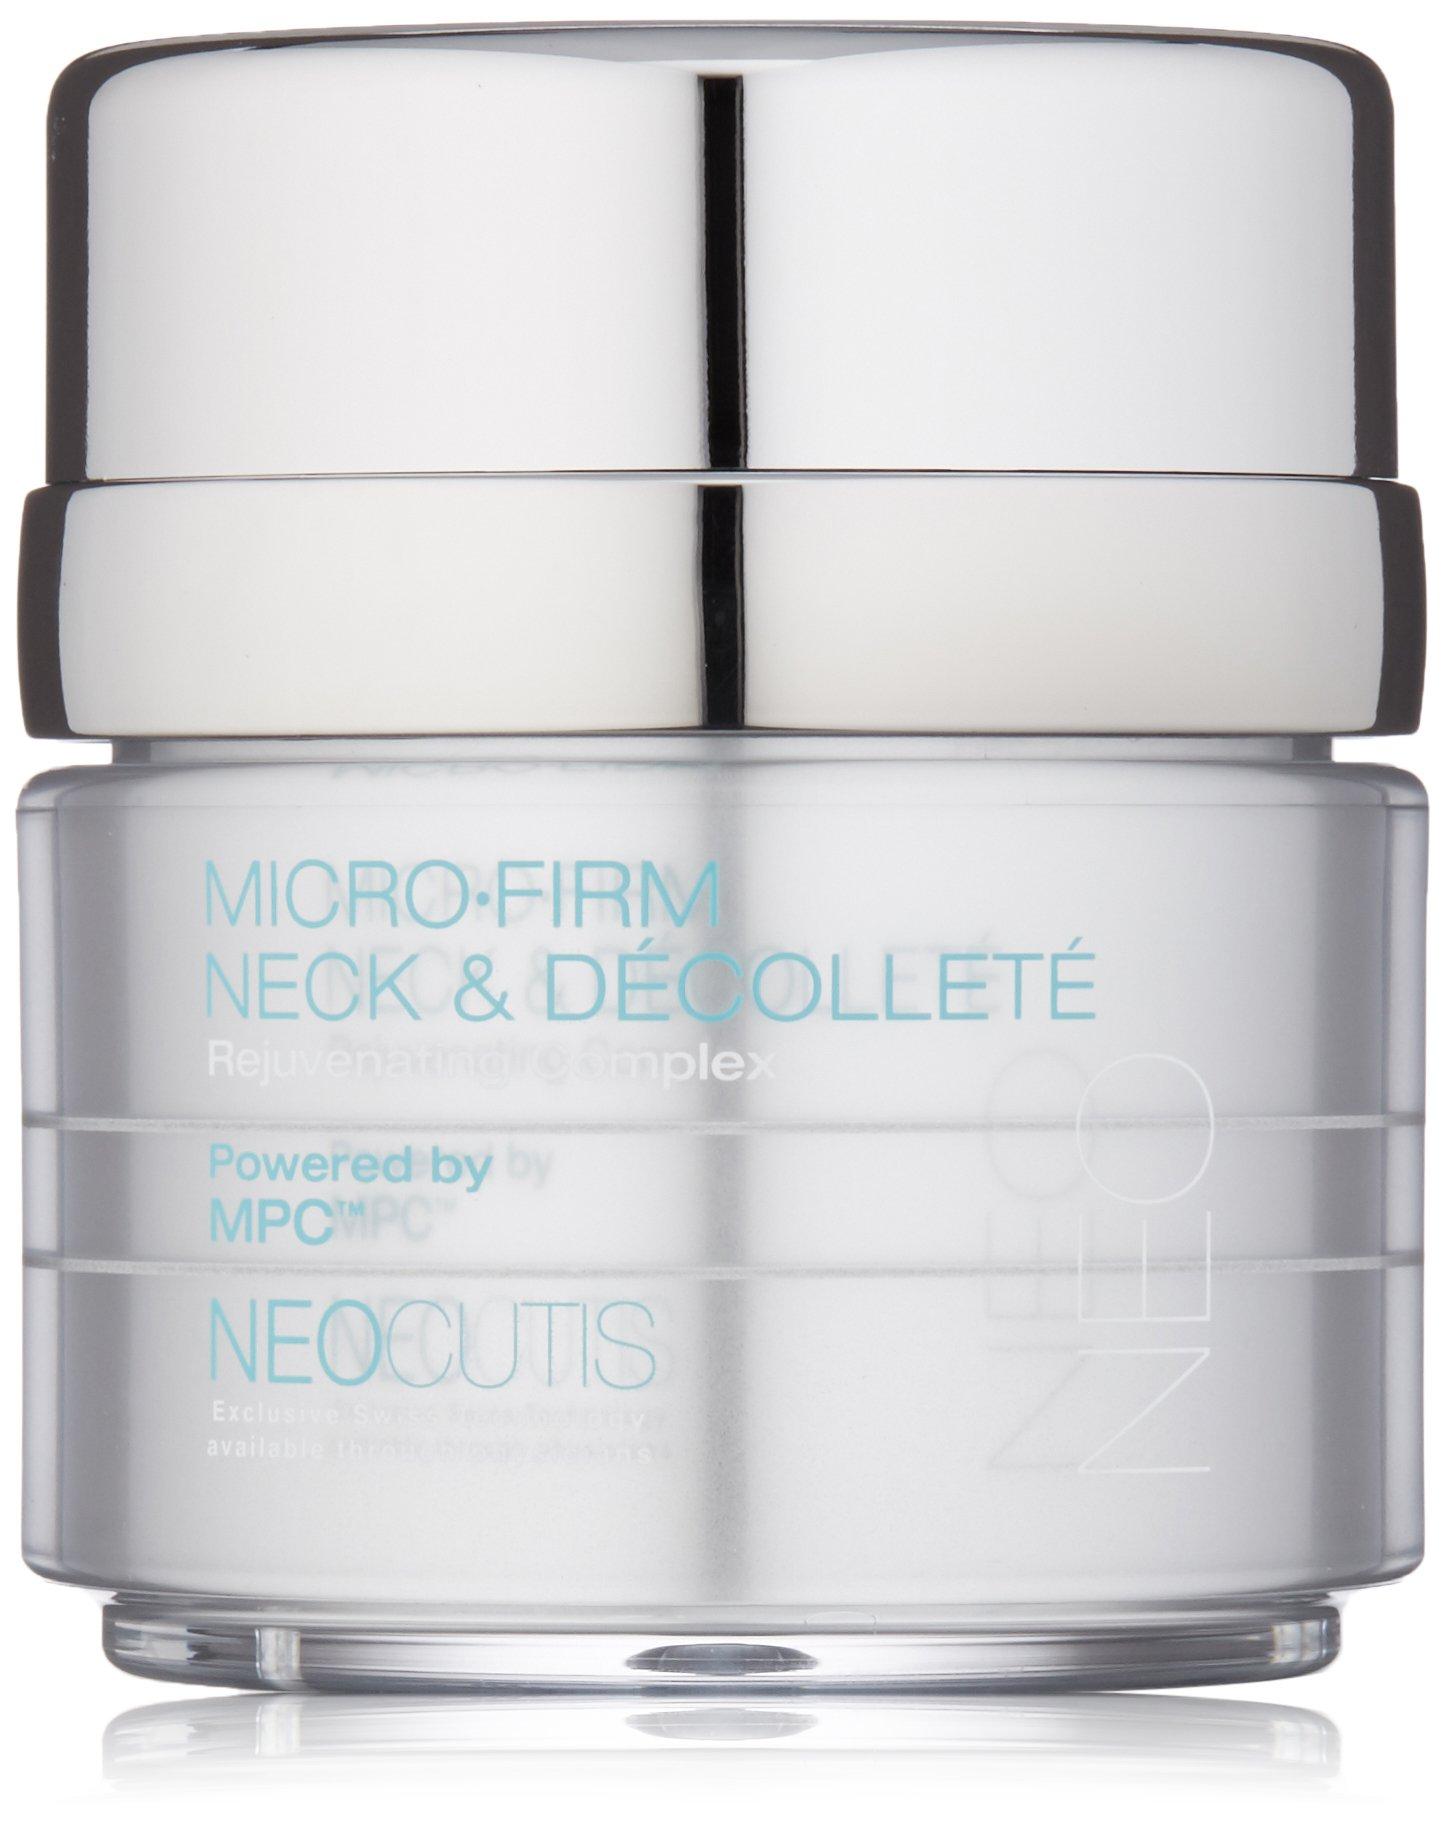 NEOCUTIS Microfirm Neck & Décolleté Rejuvenating Complex, 1.7 Fl Oz by NEOCUTIS